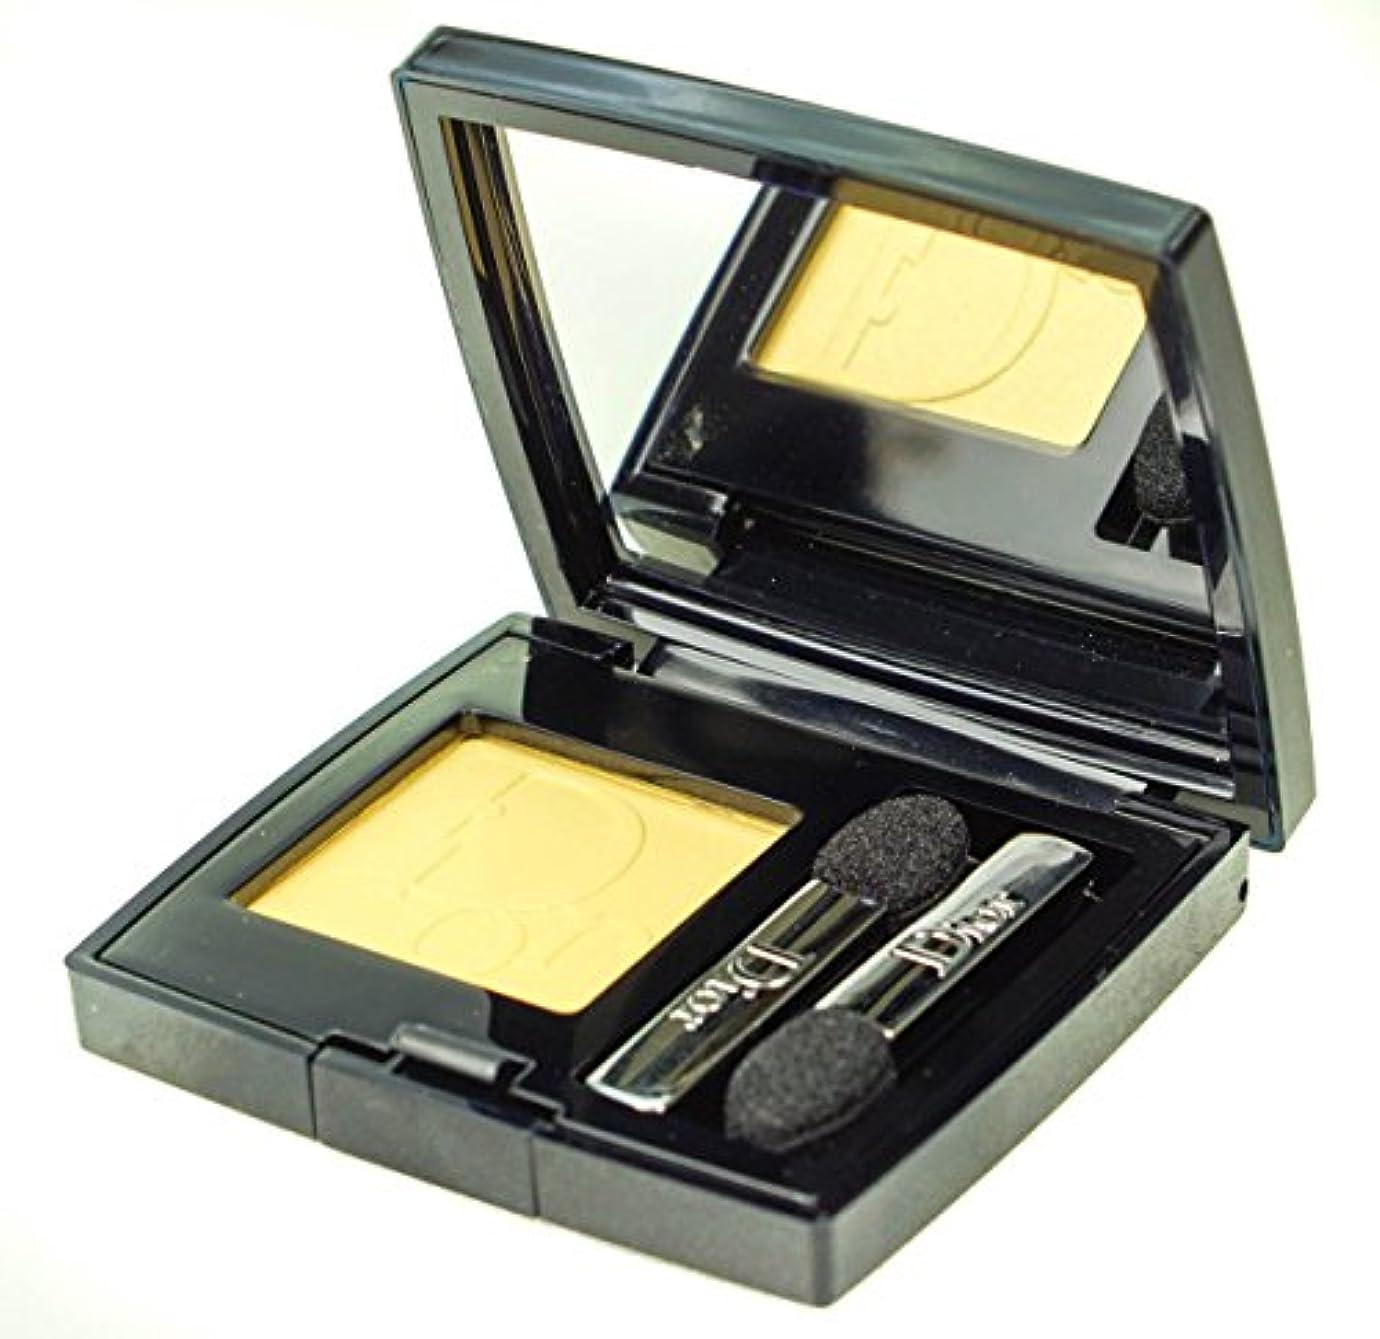 講堂エンジニア元気なクリスチャンディオール Diorshow Mono Wet & Dry Backstage Eyeshadow - # 547 Yellow 2.2g/0.07oz